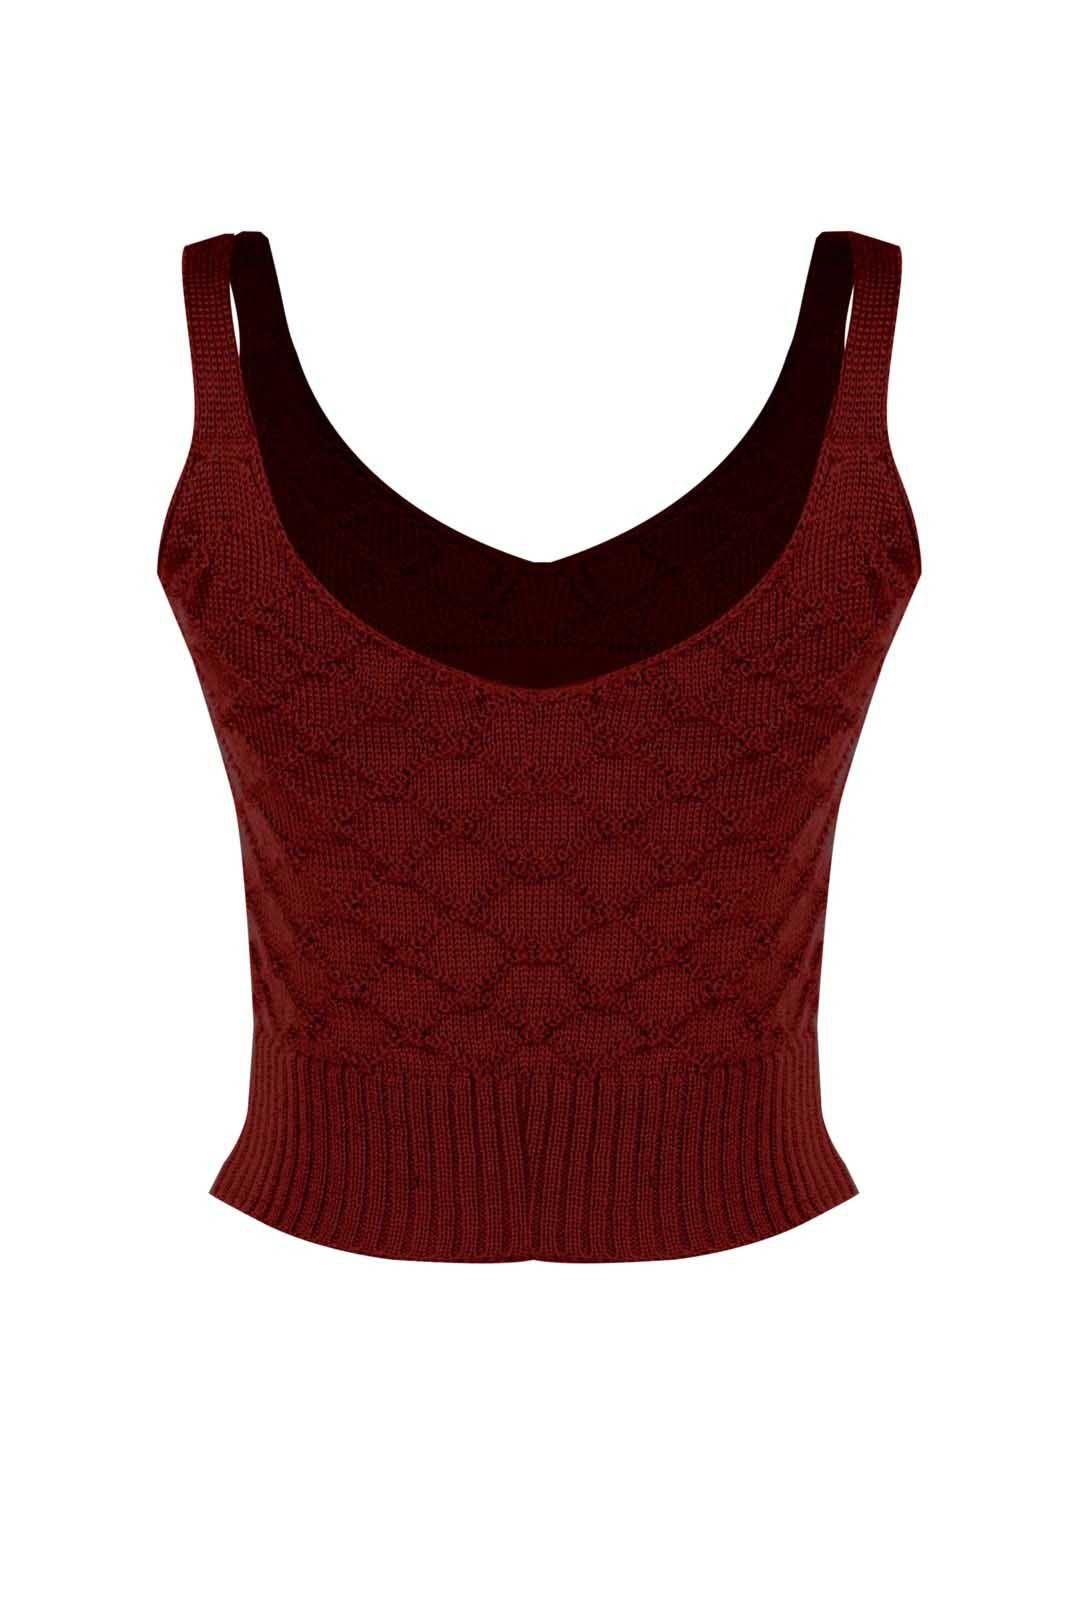 Top Outlet Dri Cropped Tricot Estampado Estampa Ranço Vermelho